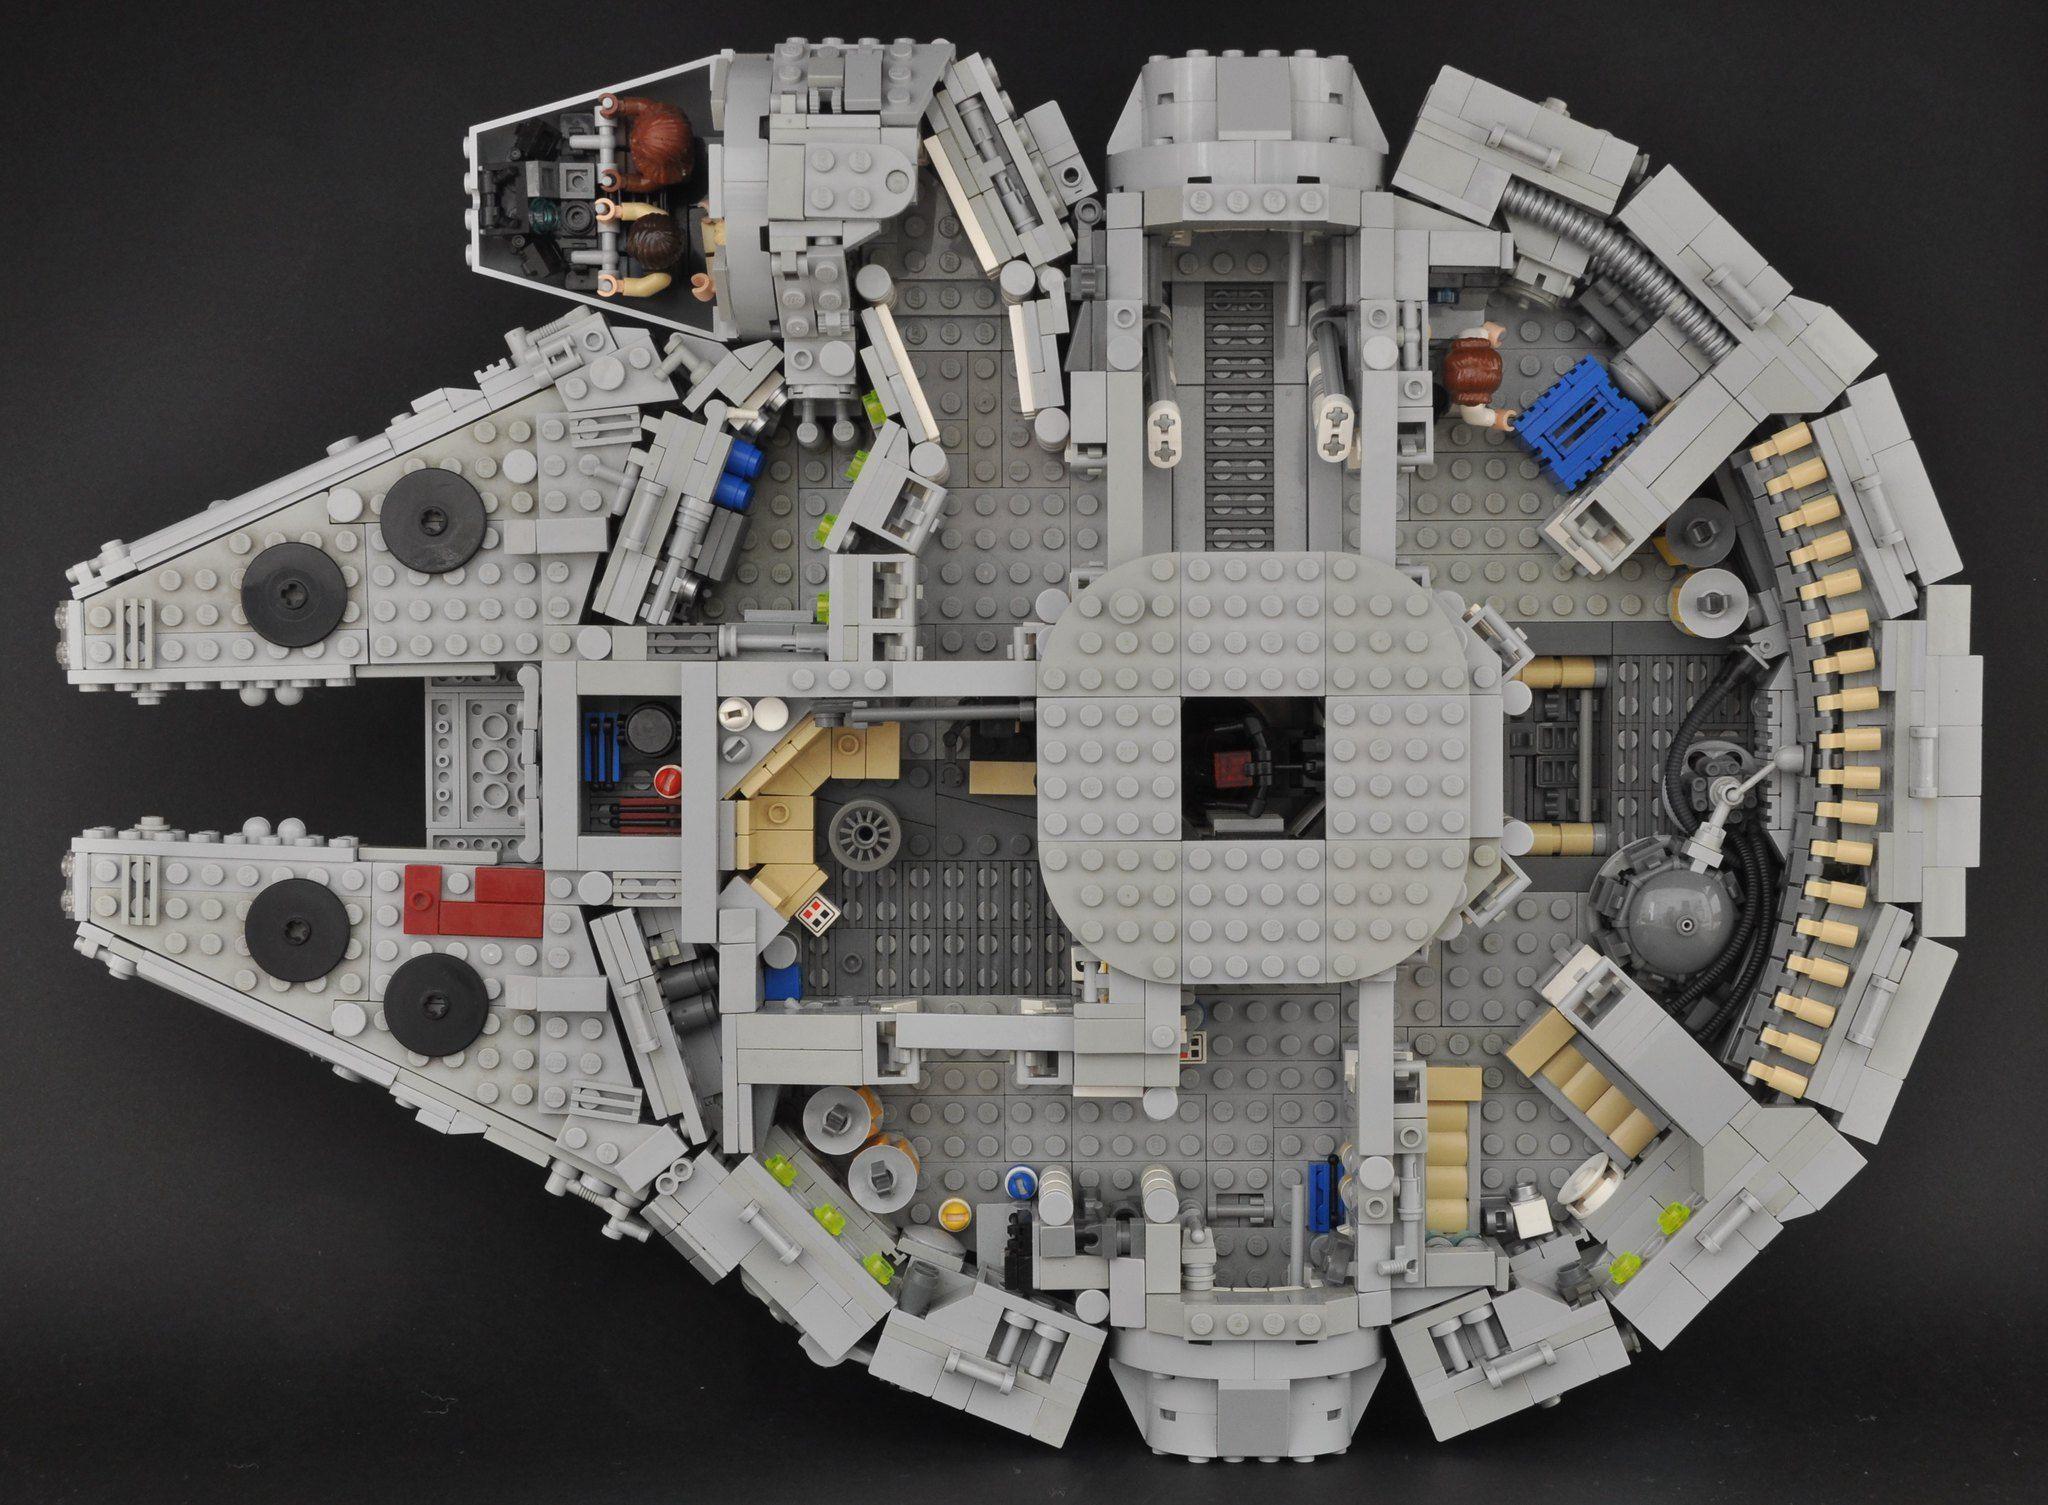 Millennium Falcon Interior Overall In 2020 Millennium Falcon Lego Lego Millenium Falcon Millennium Falcon